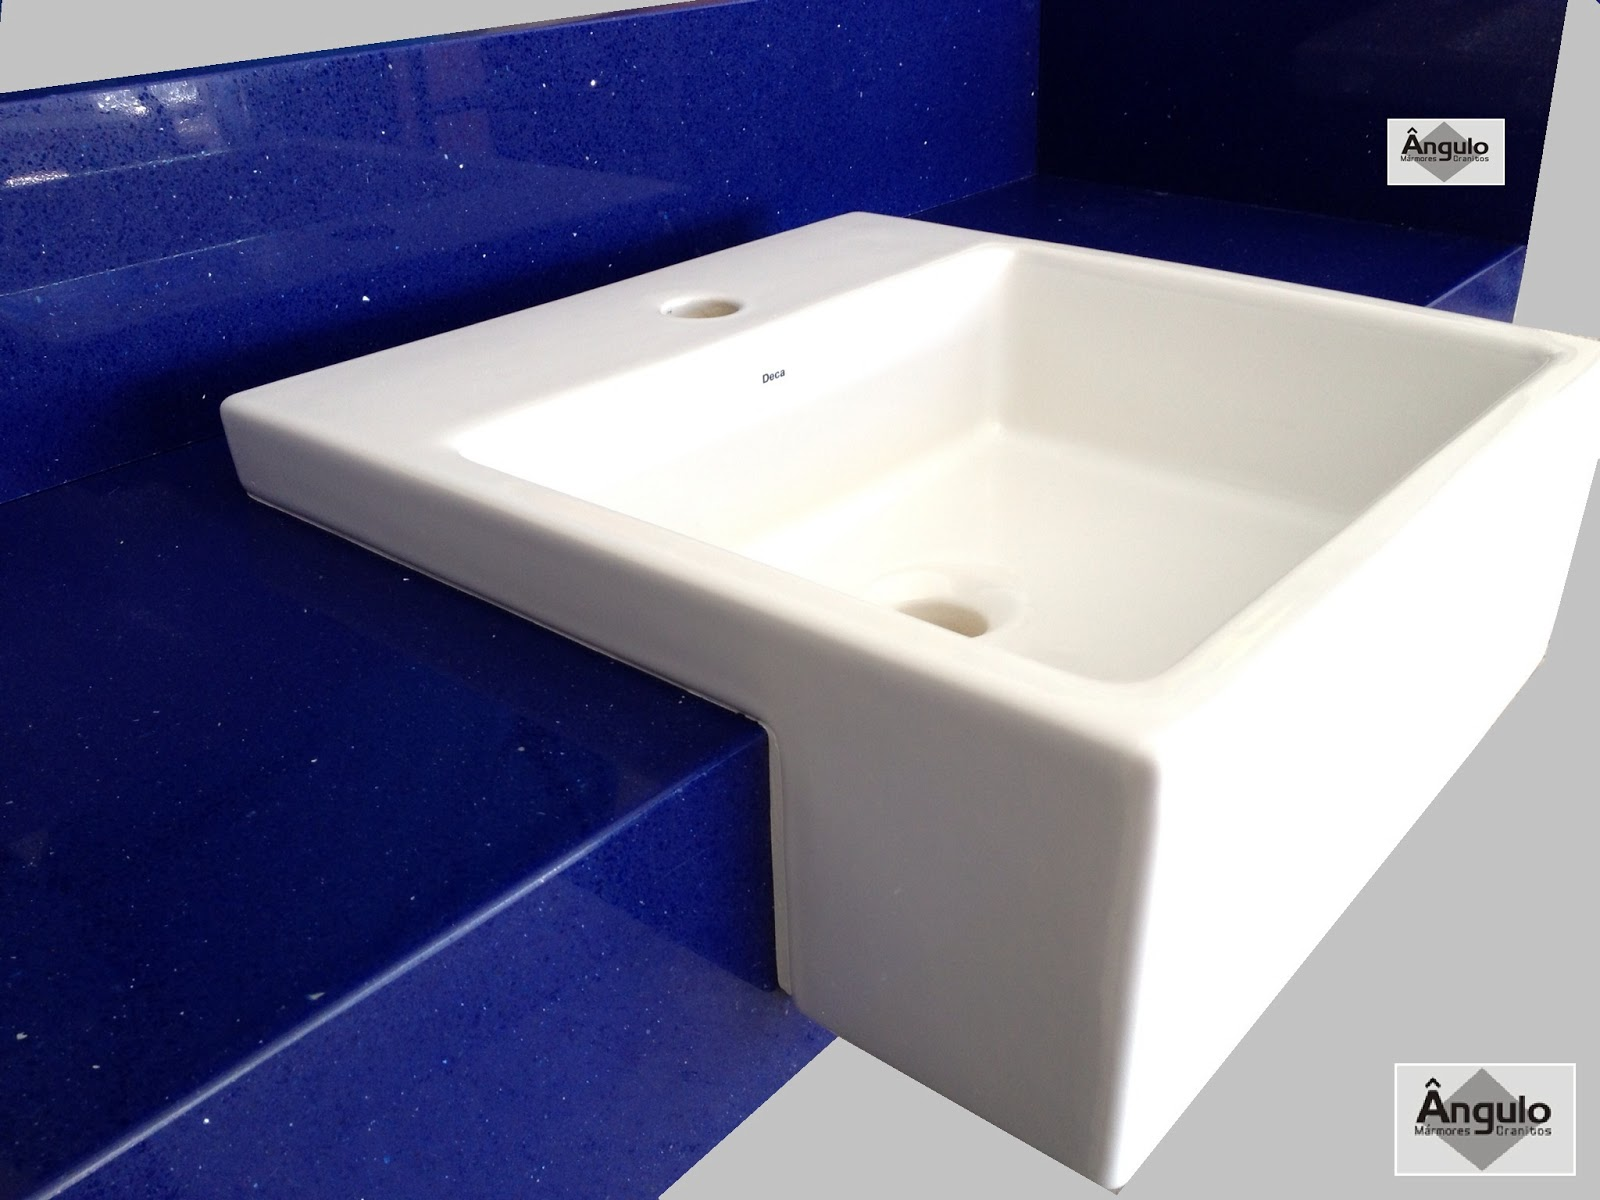 Ângulo Mármores e Granitos: Silestone Azul Stellar #070938 1600x1200 Bancada Banheiro Azul